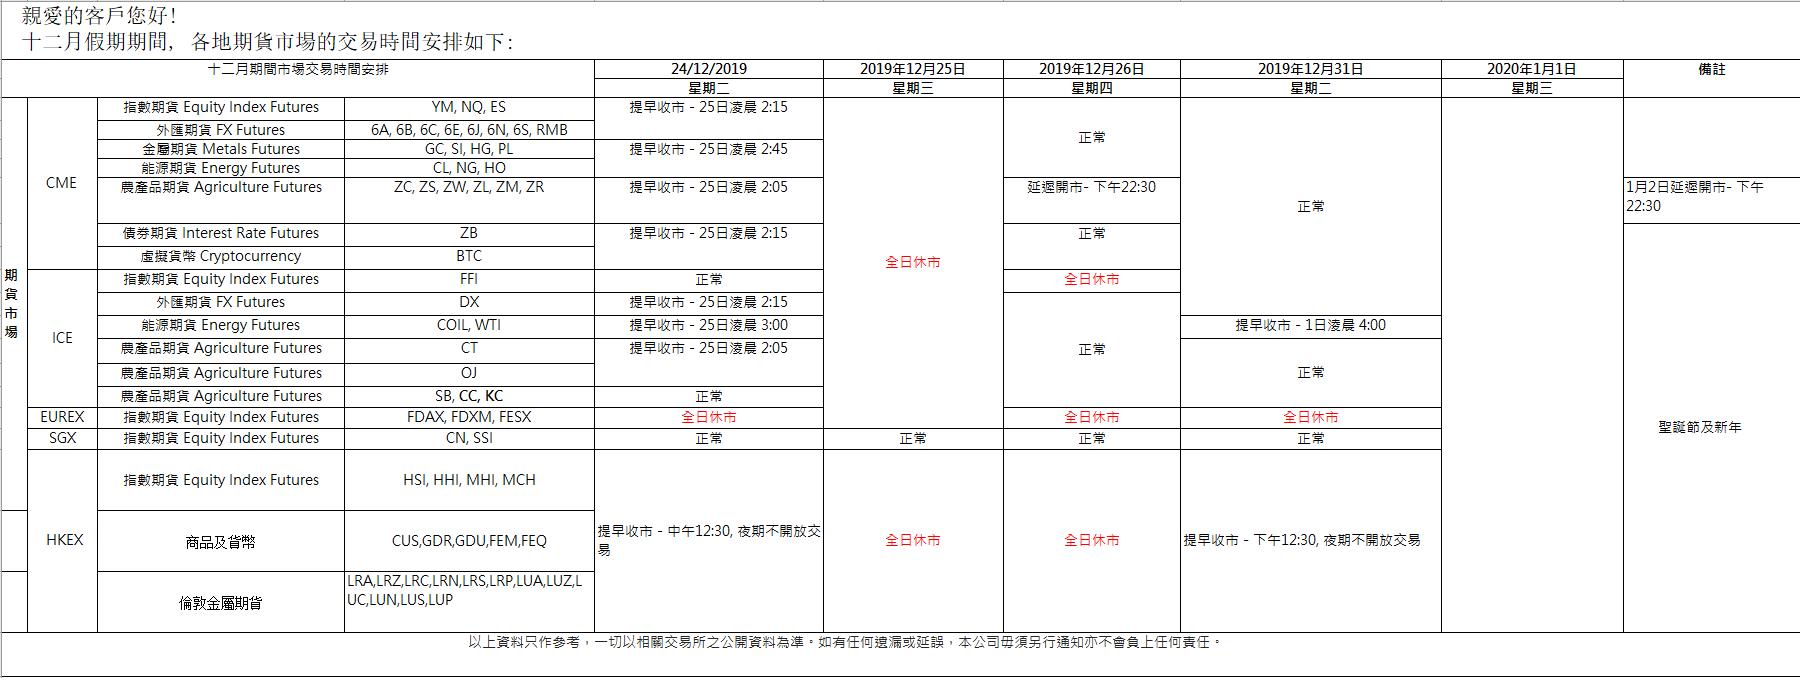 民众期货关于12月假期安排的通知